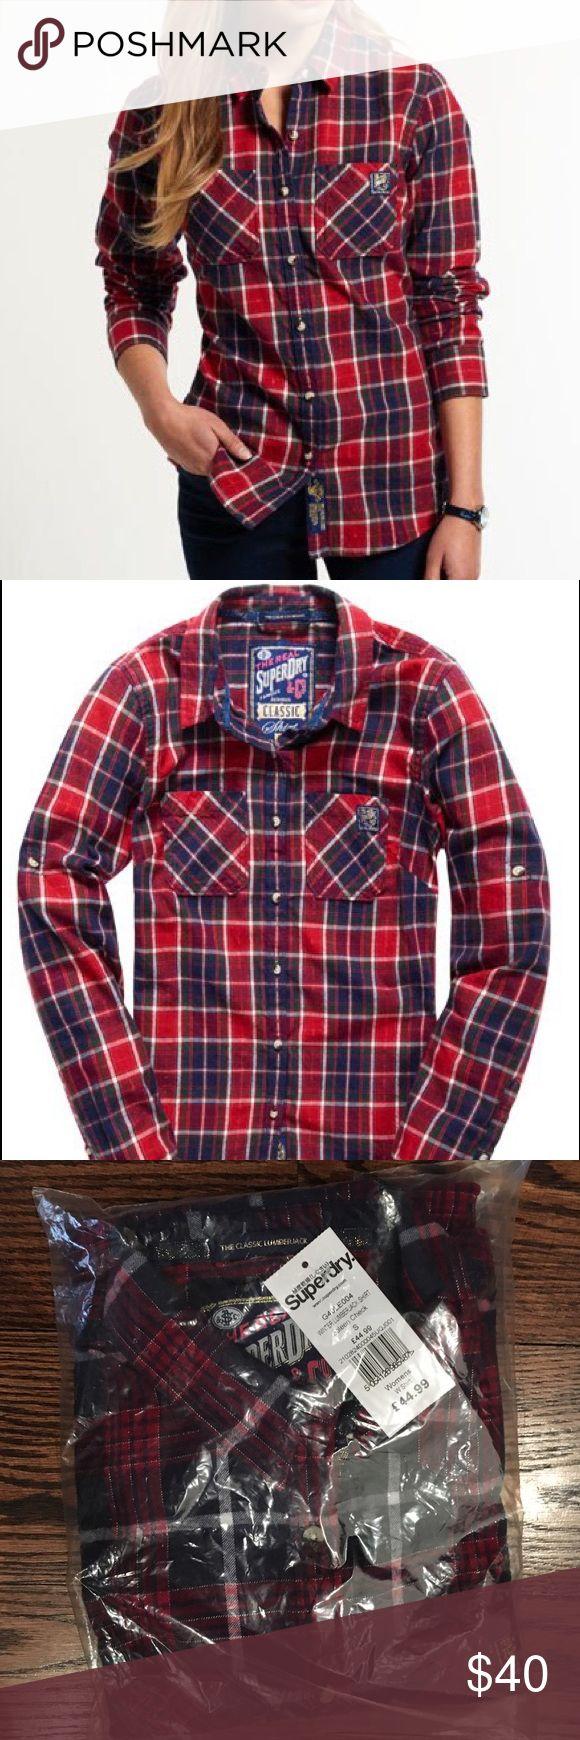 Winter LumberJack Flannel Super dry winter lumberjack flannel Superdry Tops Button Down Shirts